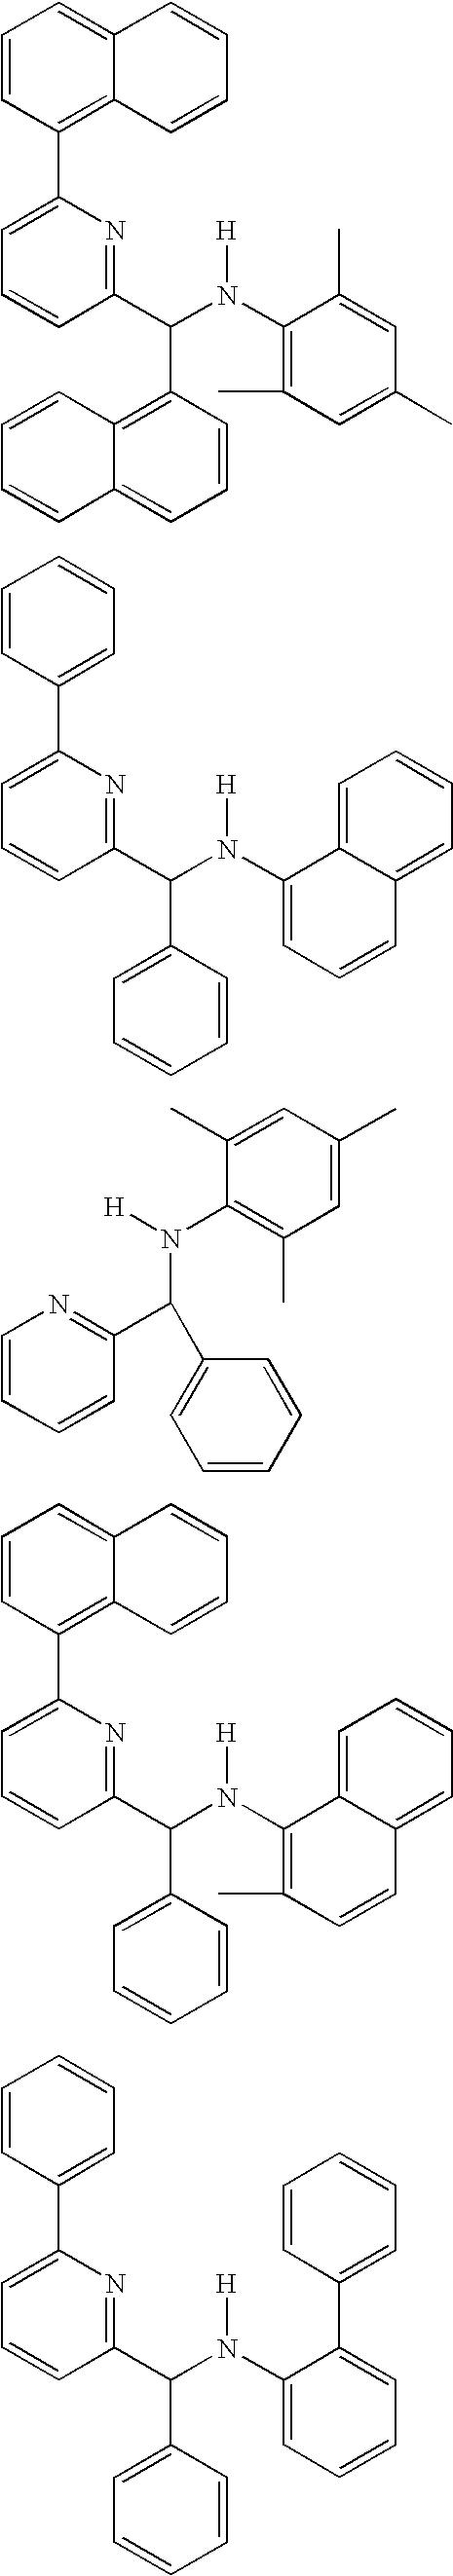 Figure US06900321-20050531-C00040